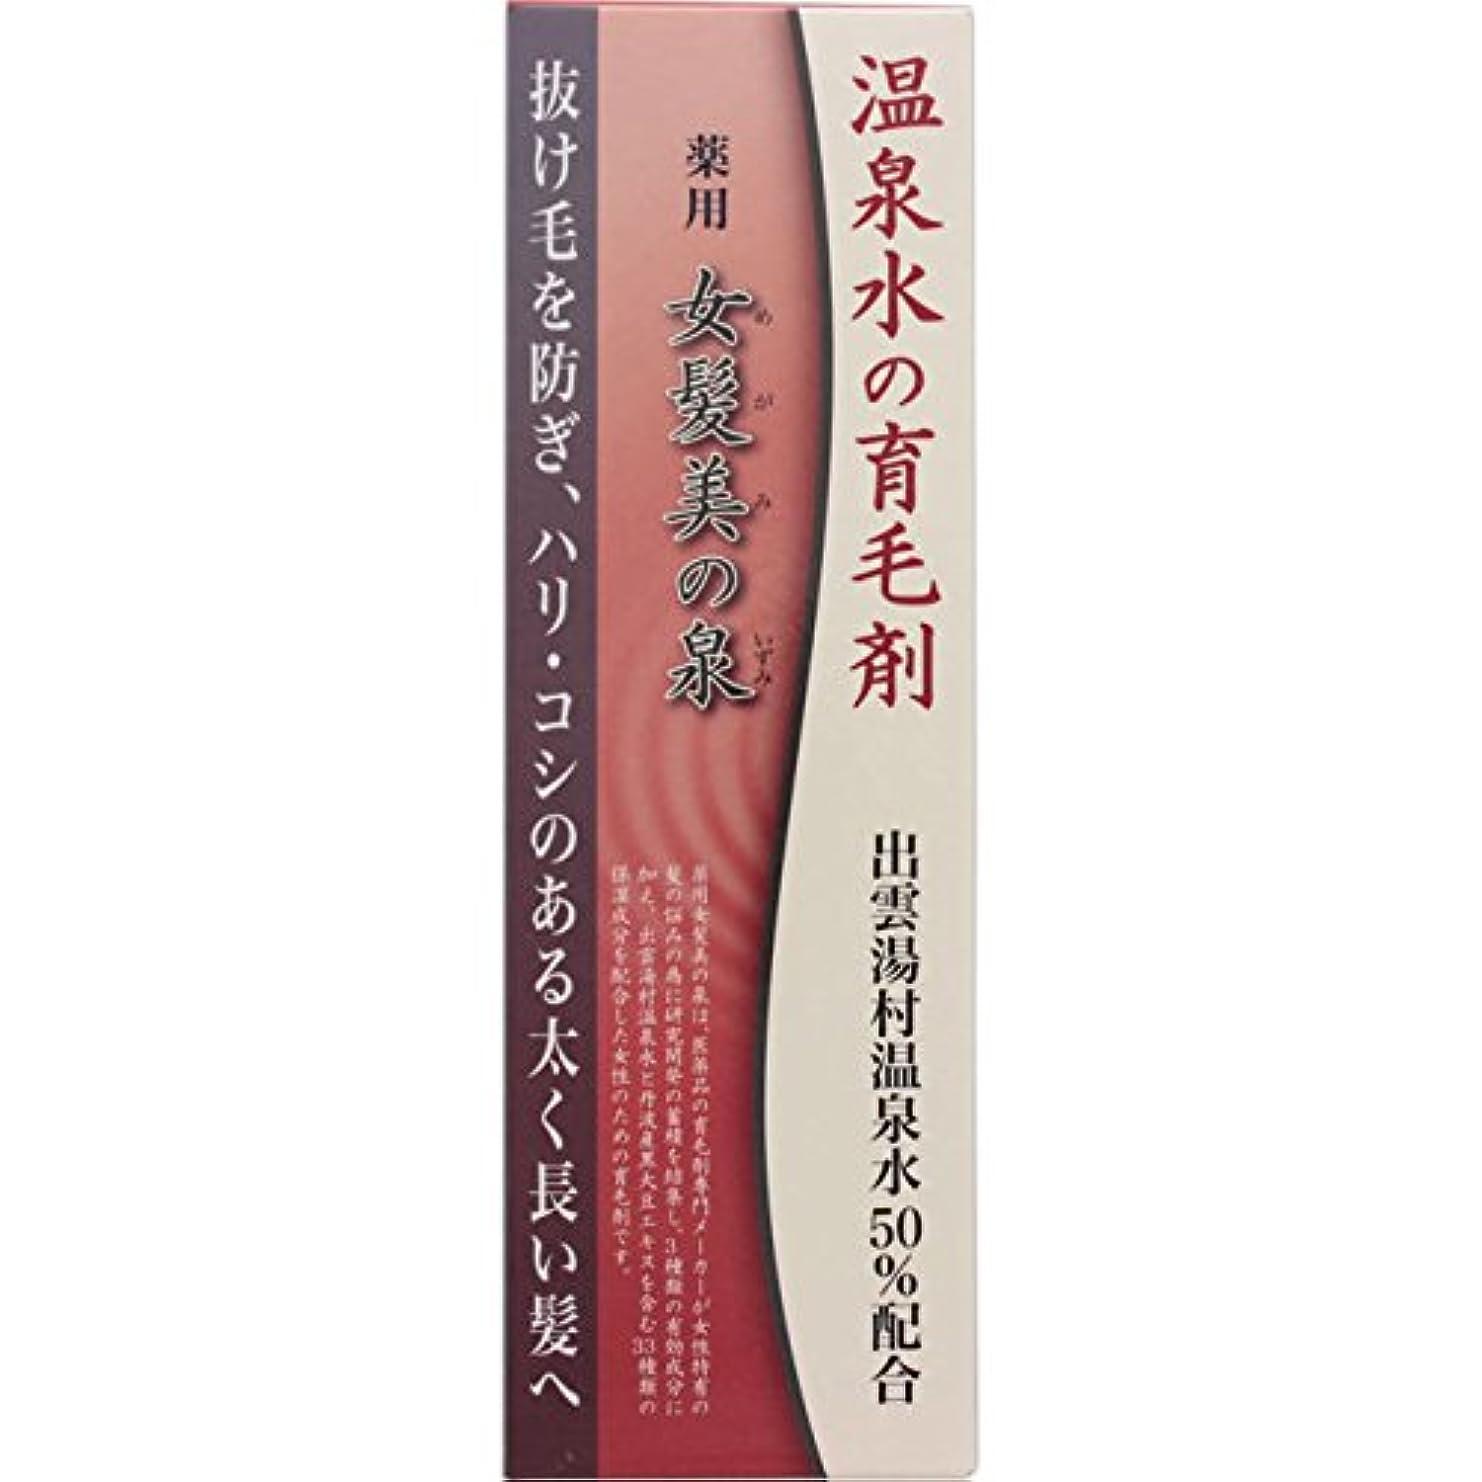 シーサイドボウル吸う薬用 女髪美の泉150MLx3